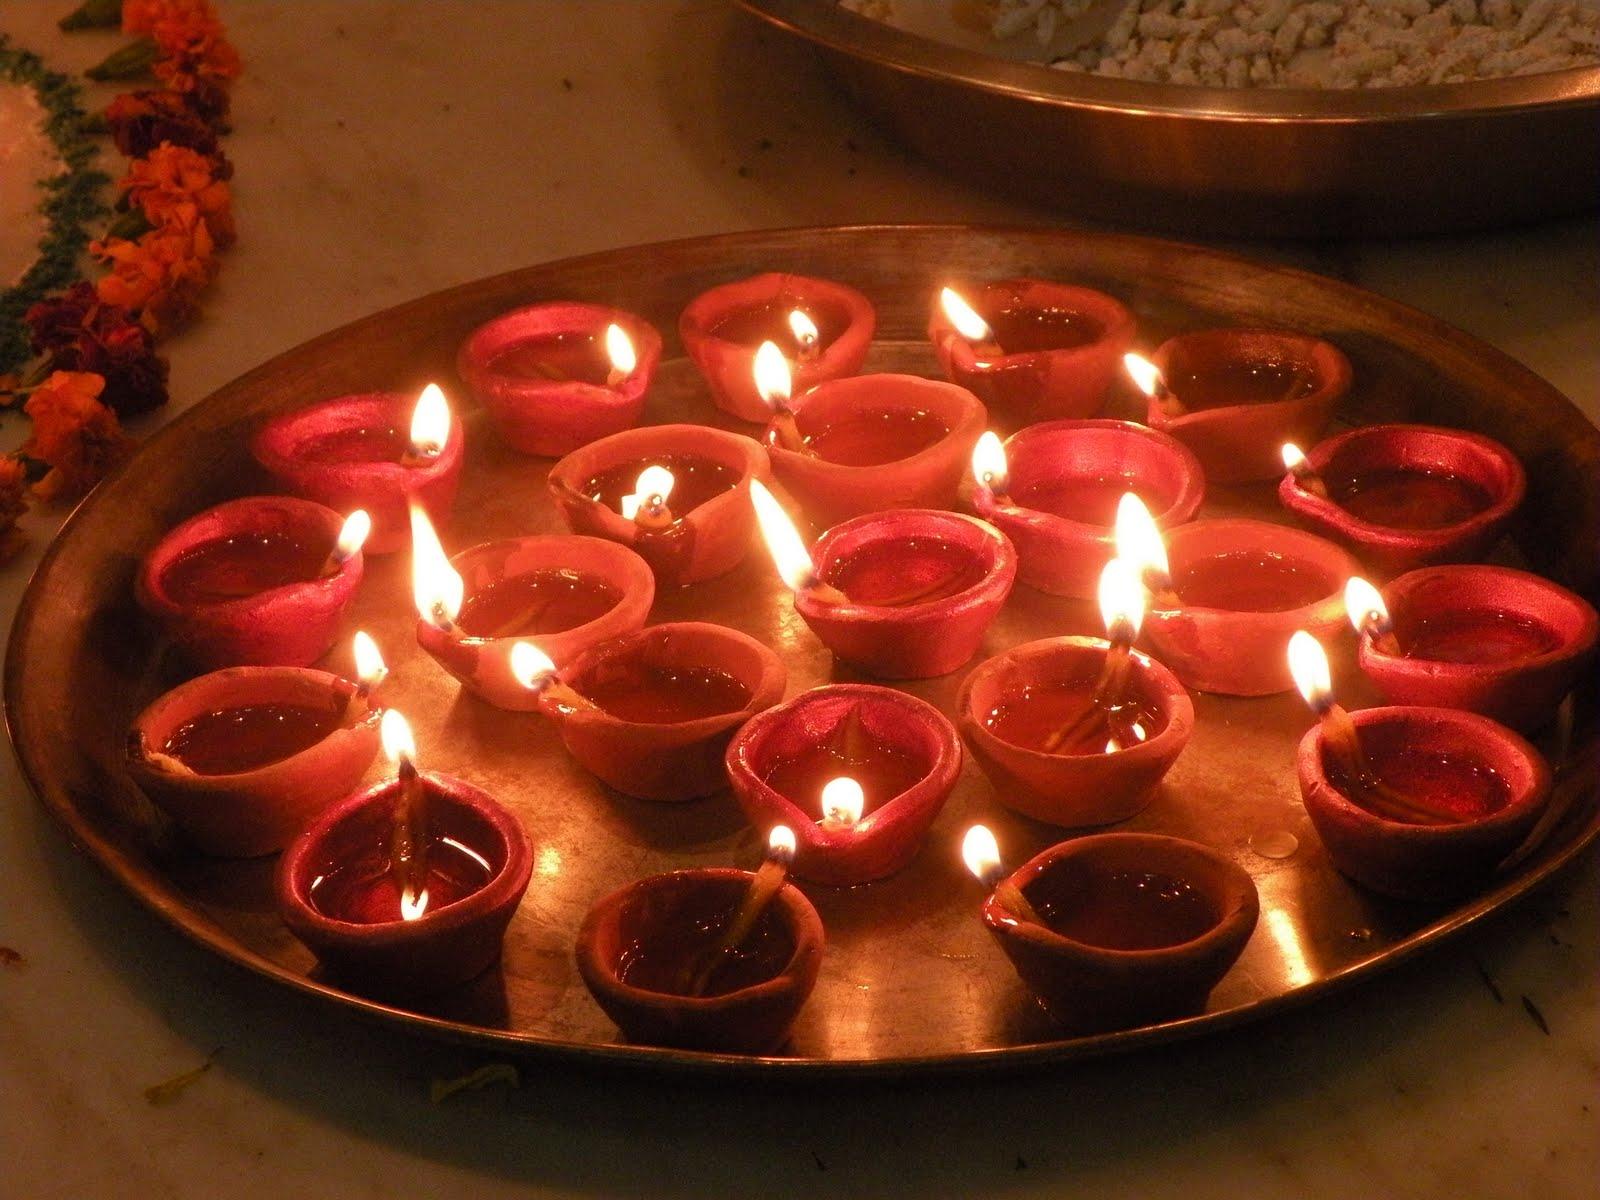 Lighting of Diya Or Lighting a Lamp